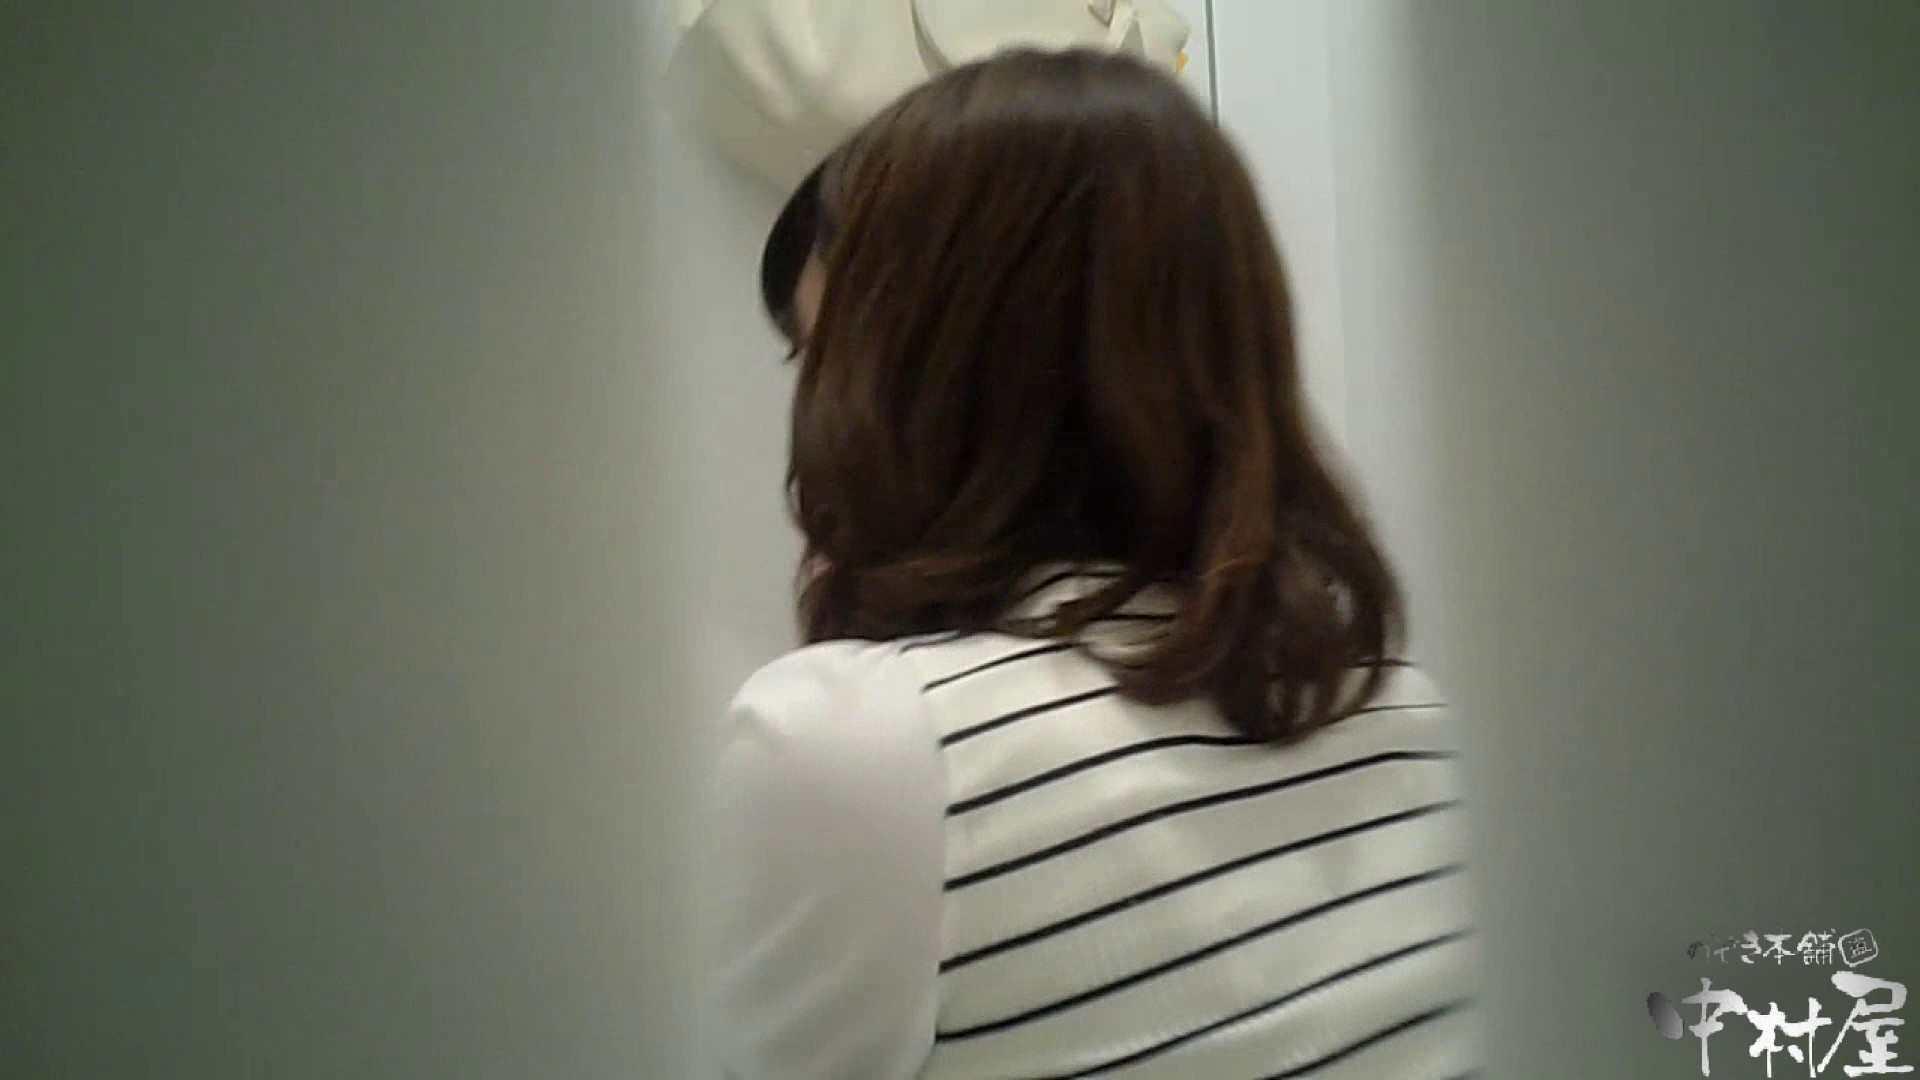 【某有名大学女性洗面所】有名大学女性洗面所 vol.37 ついでにアンダーヘアーの状態確認ですね。 投稿 のぞき動画キャプチャ 11枚 11